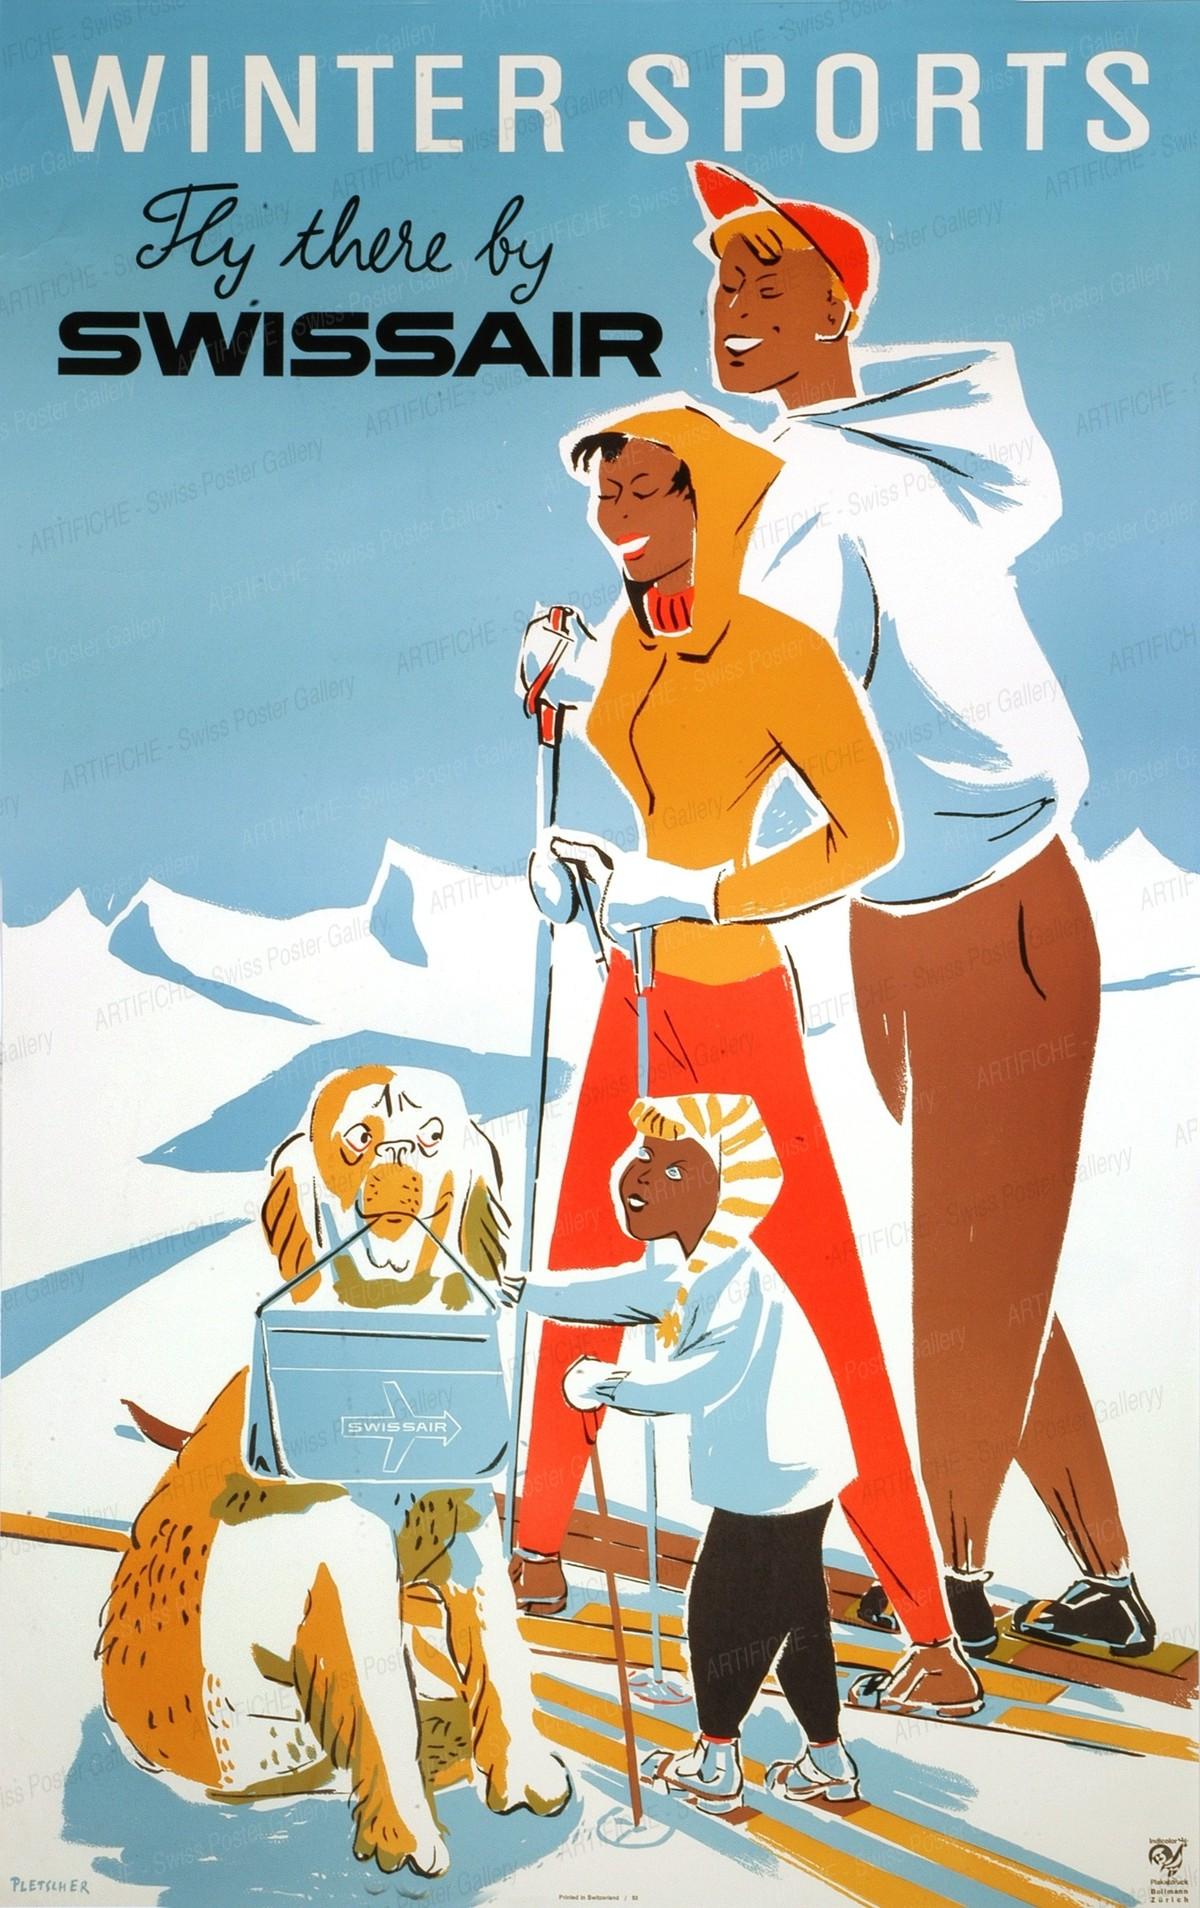 Swissair, Pletscher Fredy